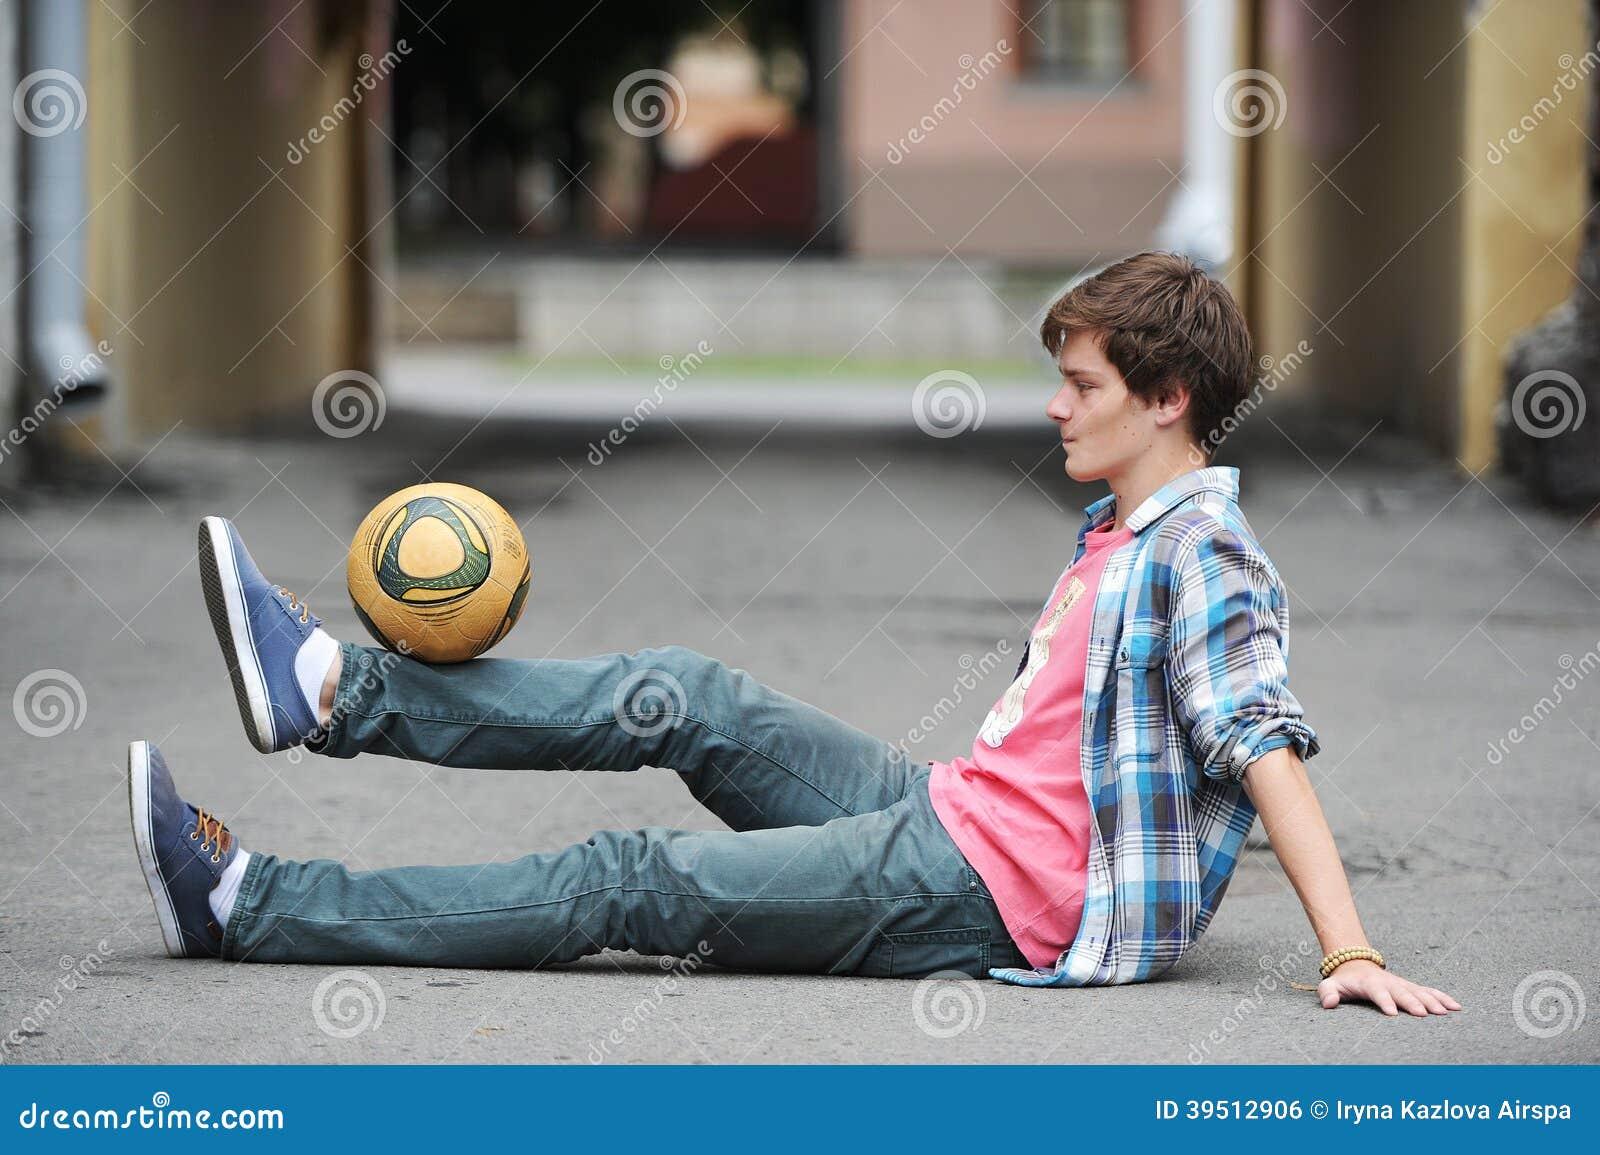 Stile libero di calcio